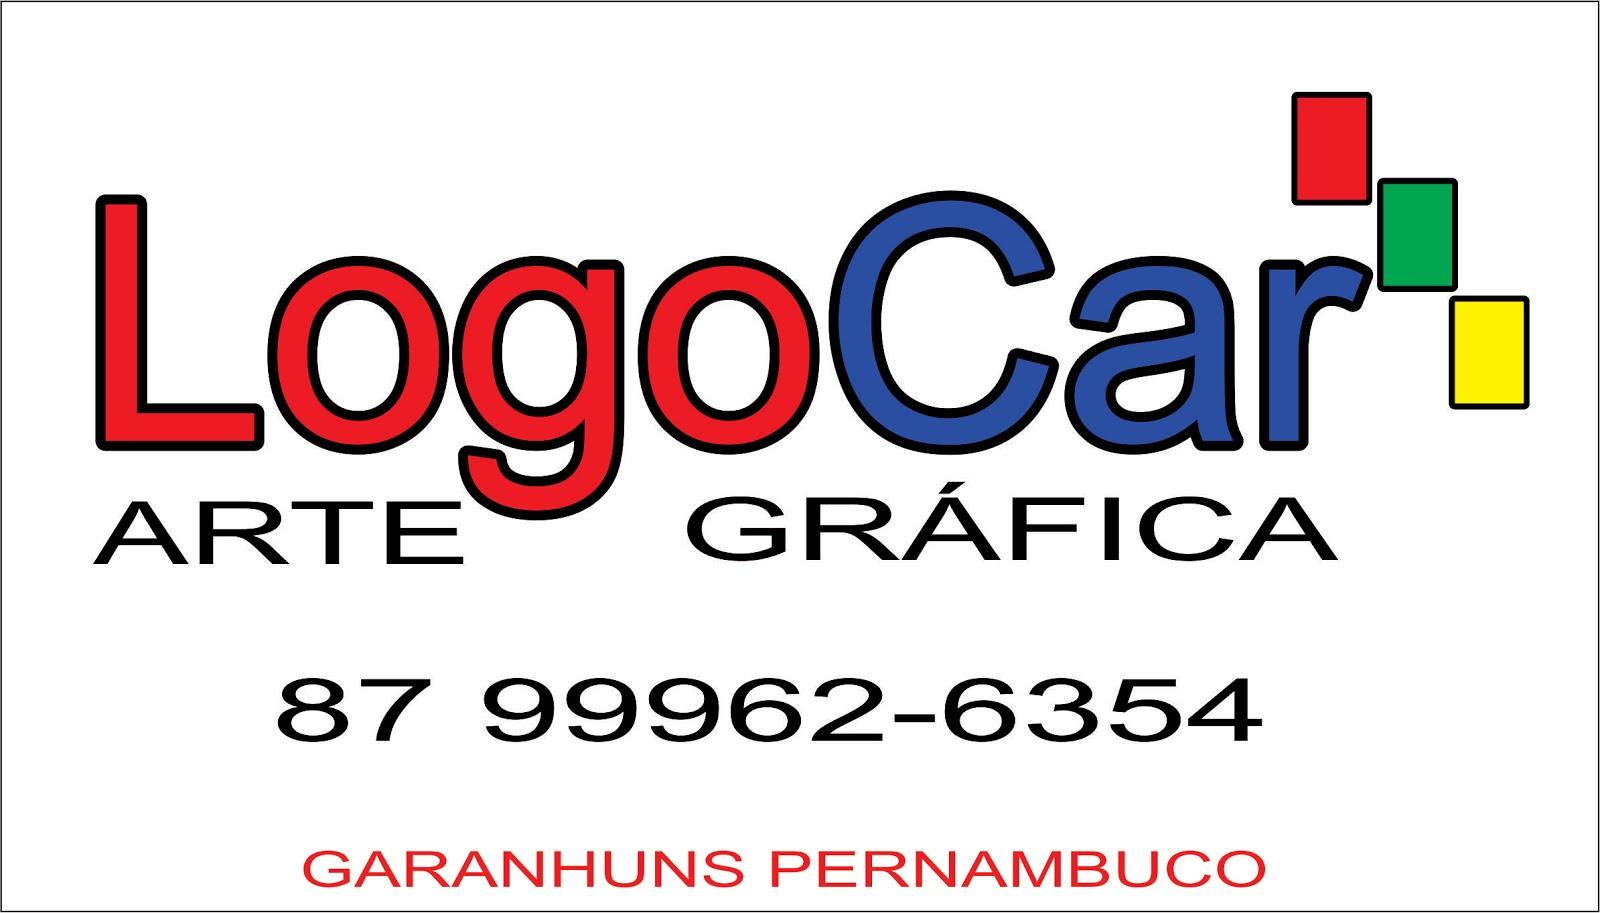 Serviços de Web e Arte Gráfica.